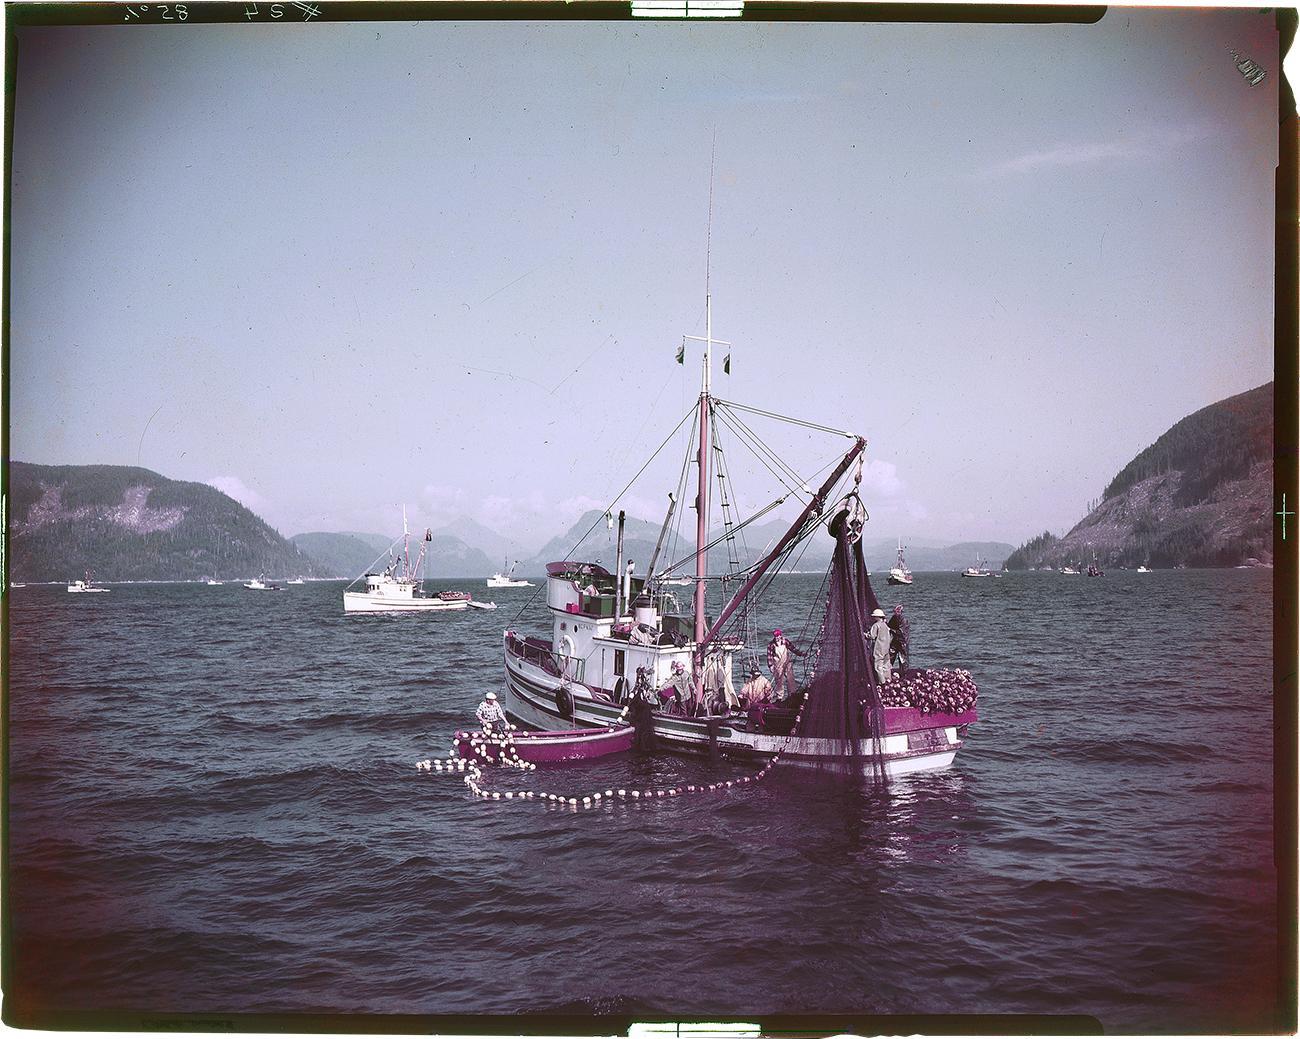 photo couleur d'un bateau de pêche sur l'océan près de montagnes